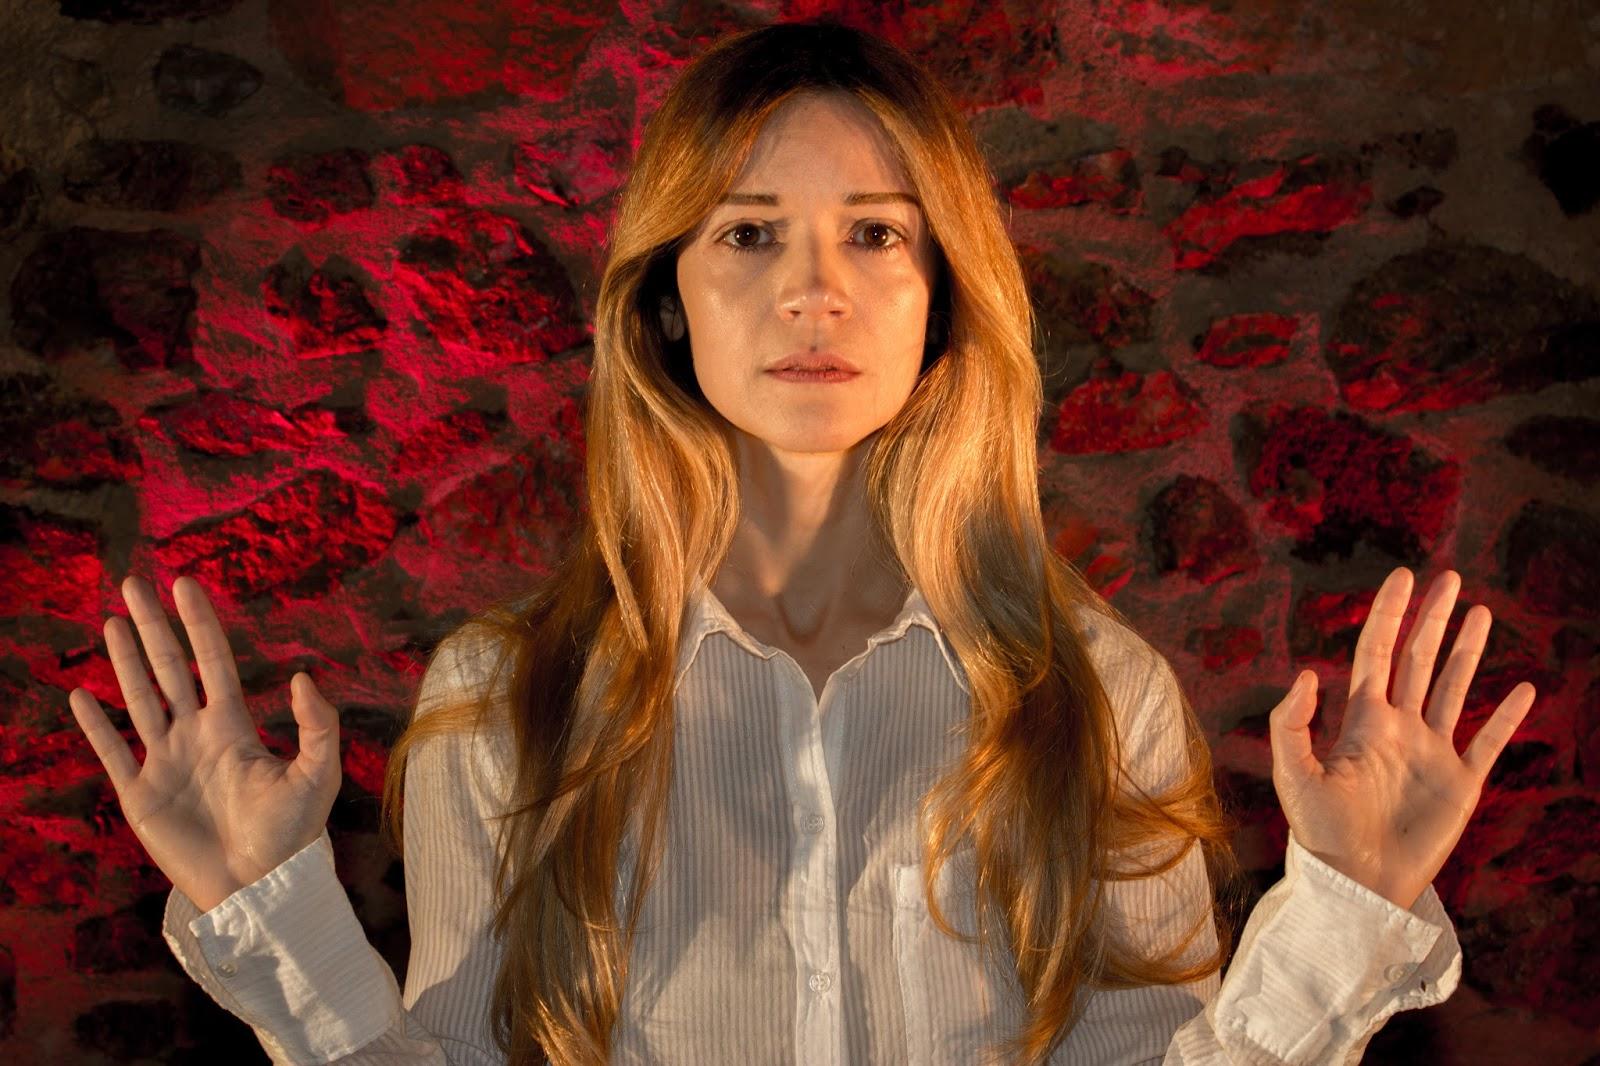 """""""ΤΟ ΜΟΝΟΝ ΤΗΣ ΖΩΗΣ ΤΟΥ ΤΑΞΕΙΔΙΟΝ"""" με την Ιωάννα Παππά στο Κηποθέατρο Αλκαζάρ"""